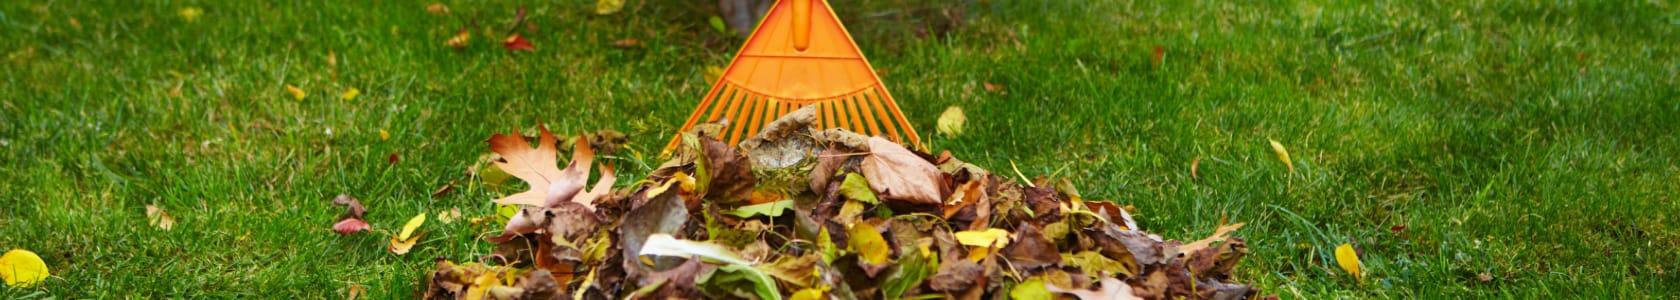 a rake raking leaves